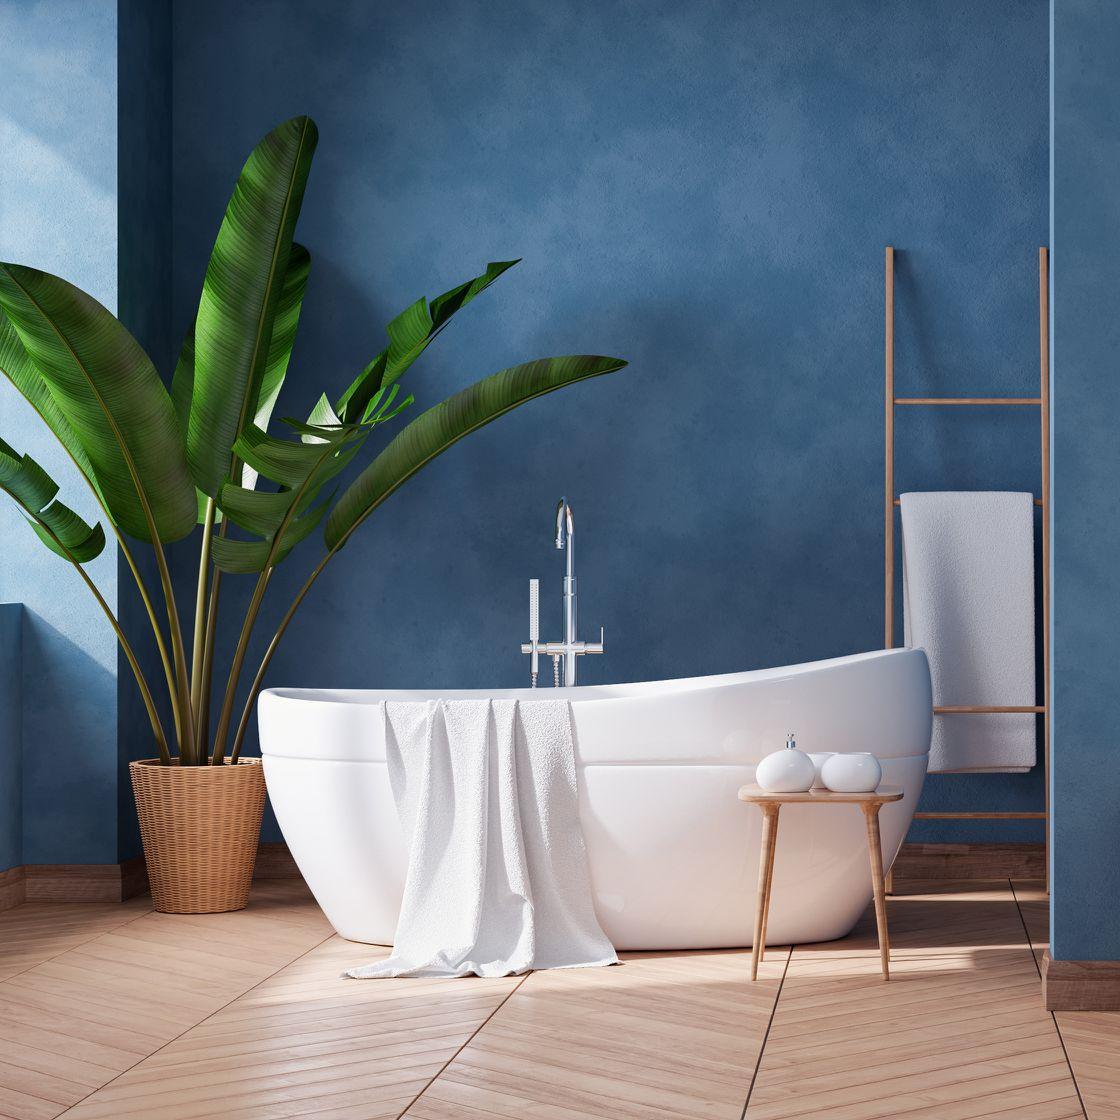 Dunkle Wandfarbe im Kontrast zur freistehenden Badewanne